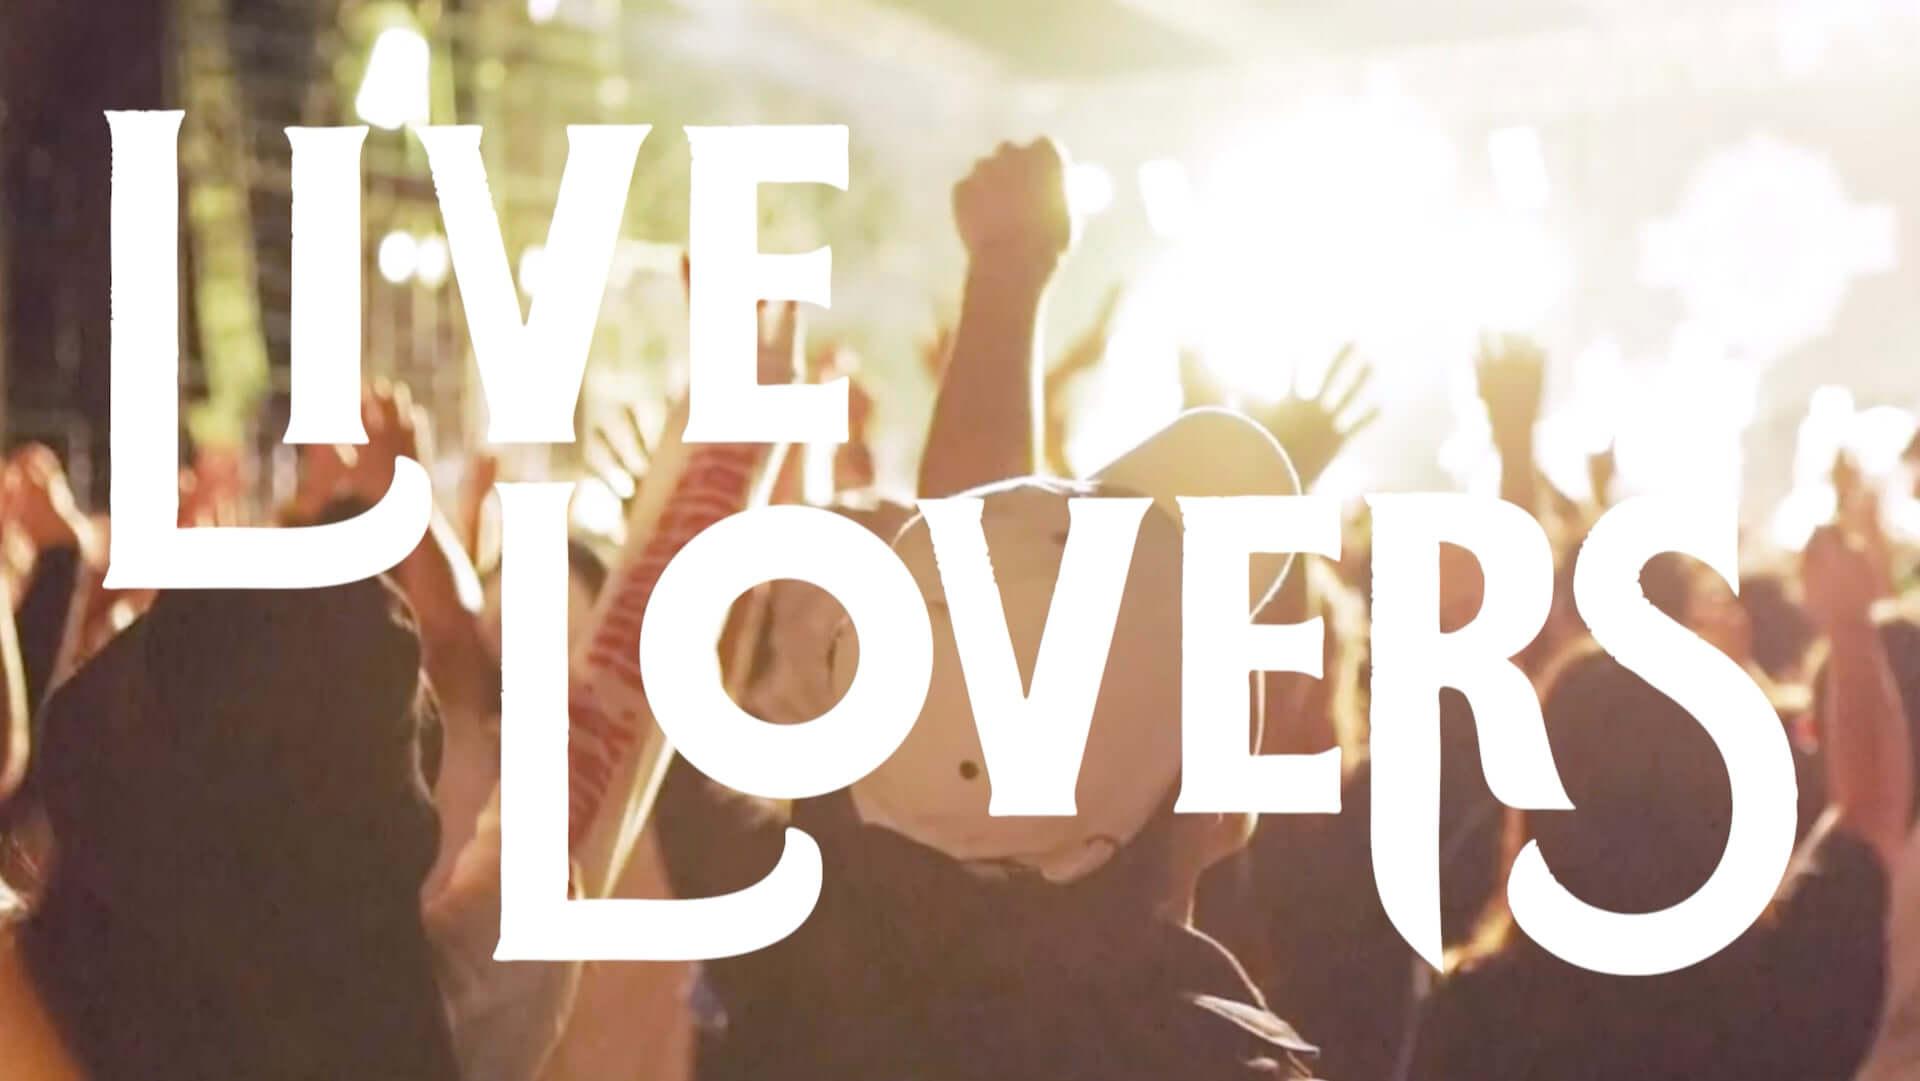 音楽のための新プロジェクト「LIVE LOVERS」が始動 奥田民生、横山剣、牧達弥のコメント動画に加えてライブ映像など続々公開 music200601_live_lovers_2-1920x1081